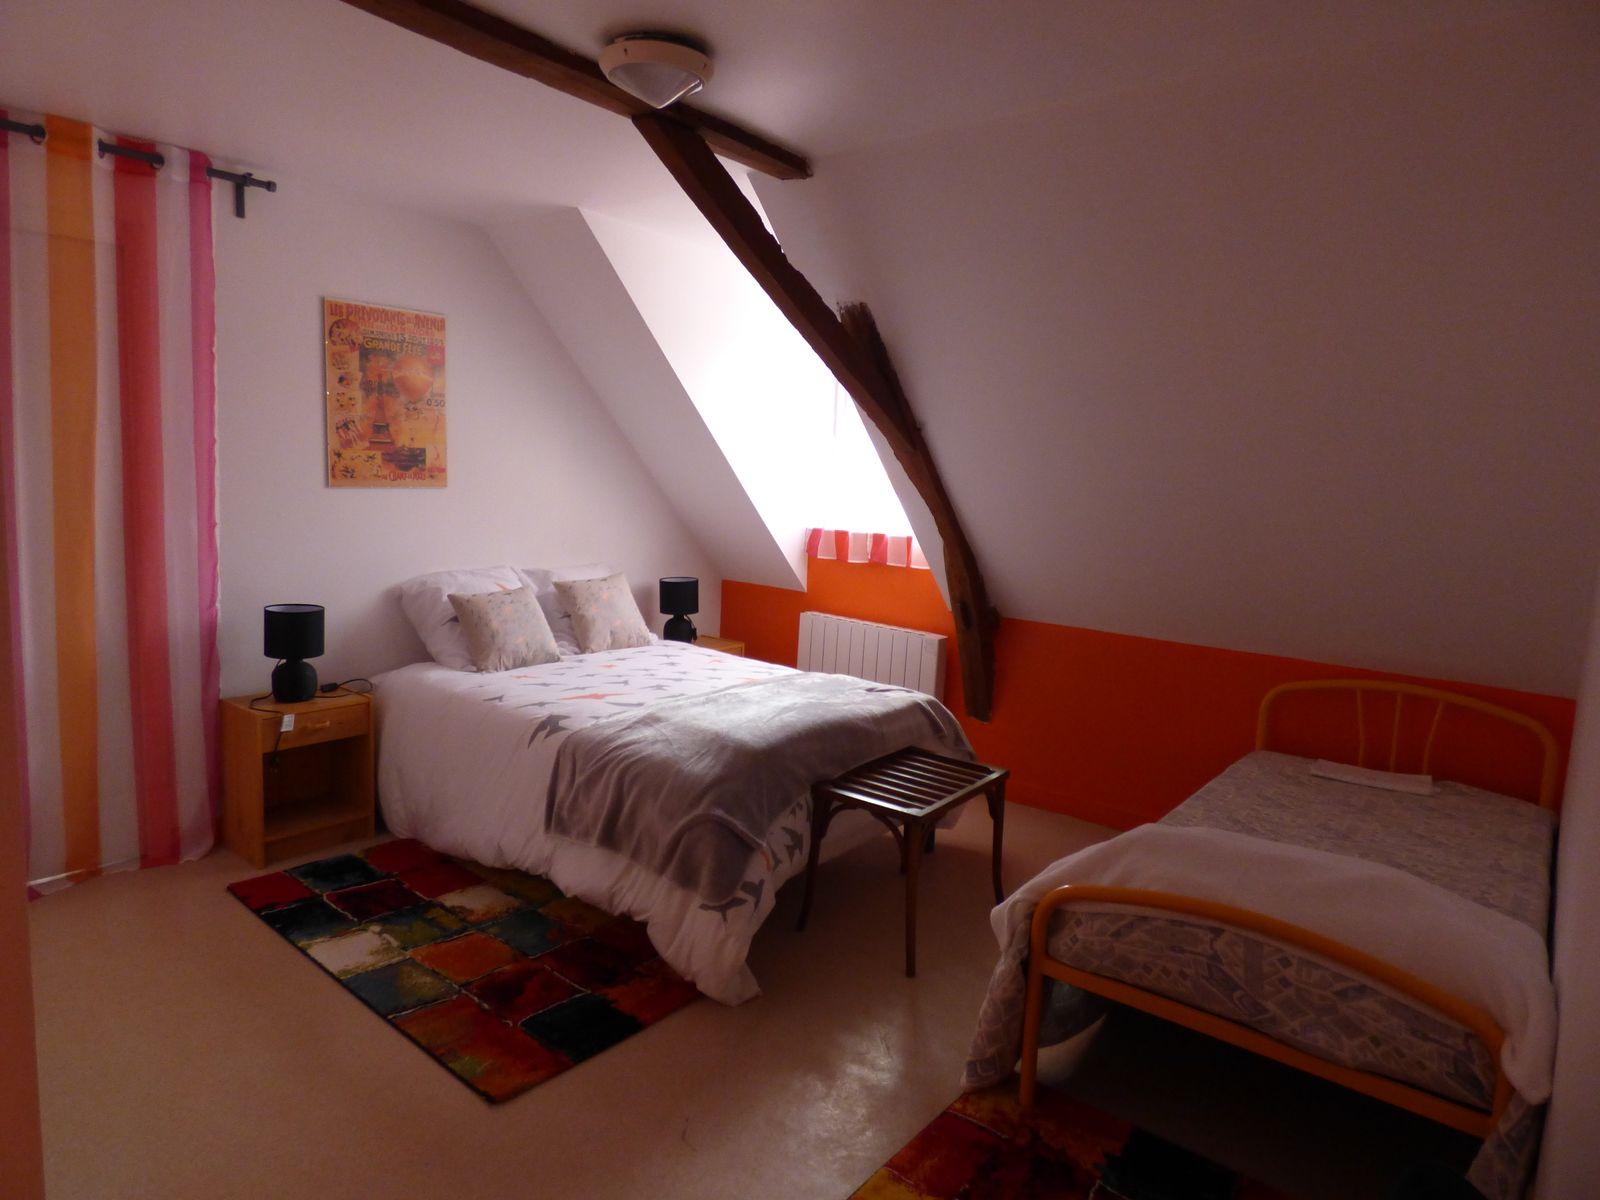 Belles chambres complètement rénovées pour le gîte des Falaises à Saulges en Mayenne